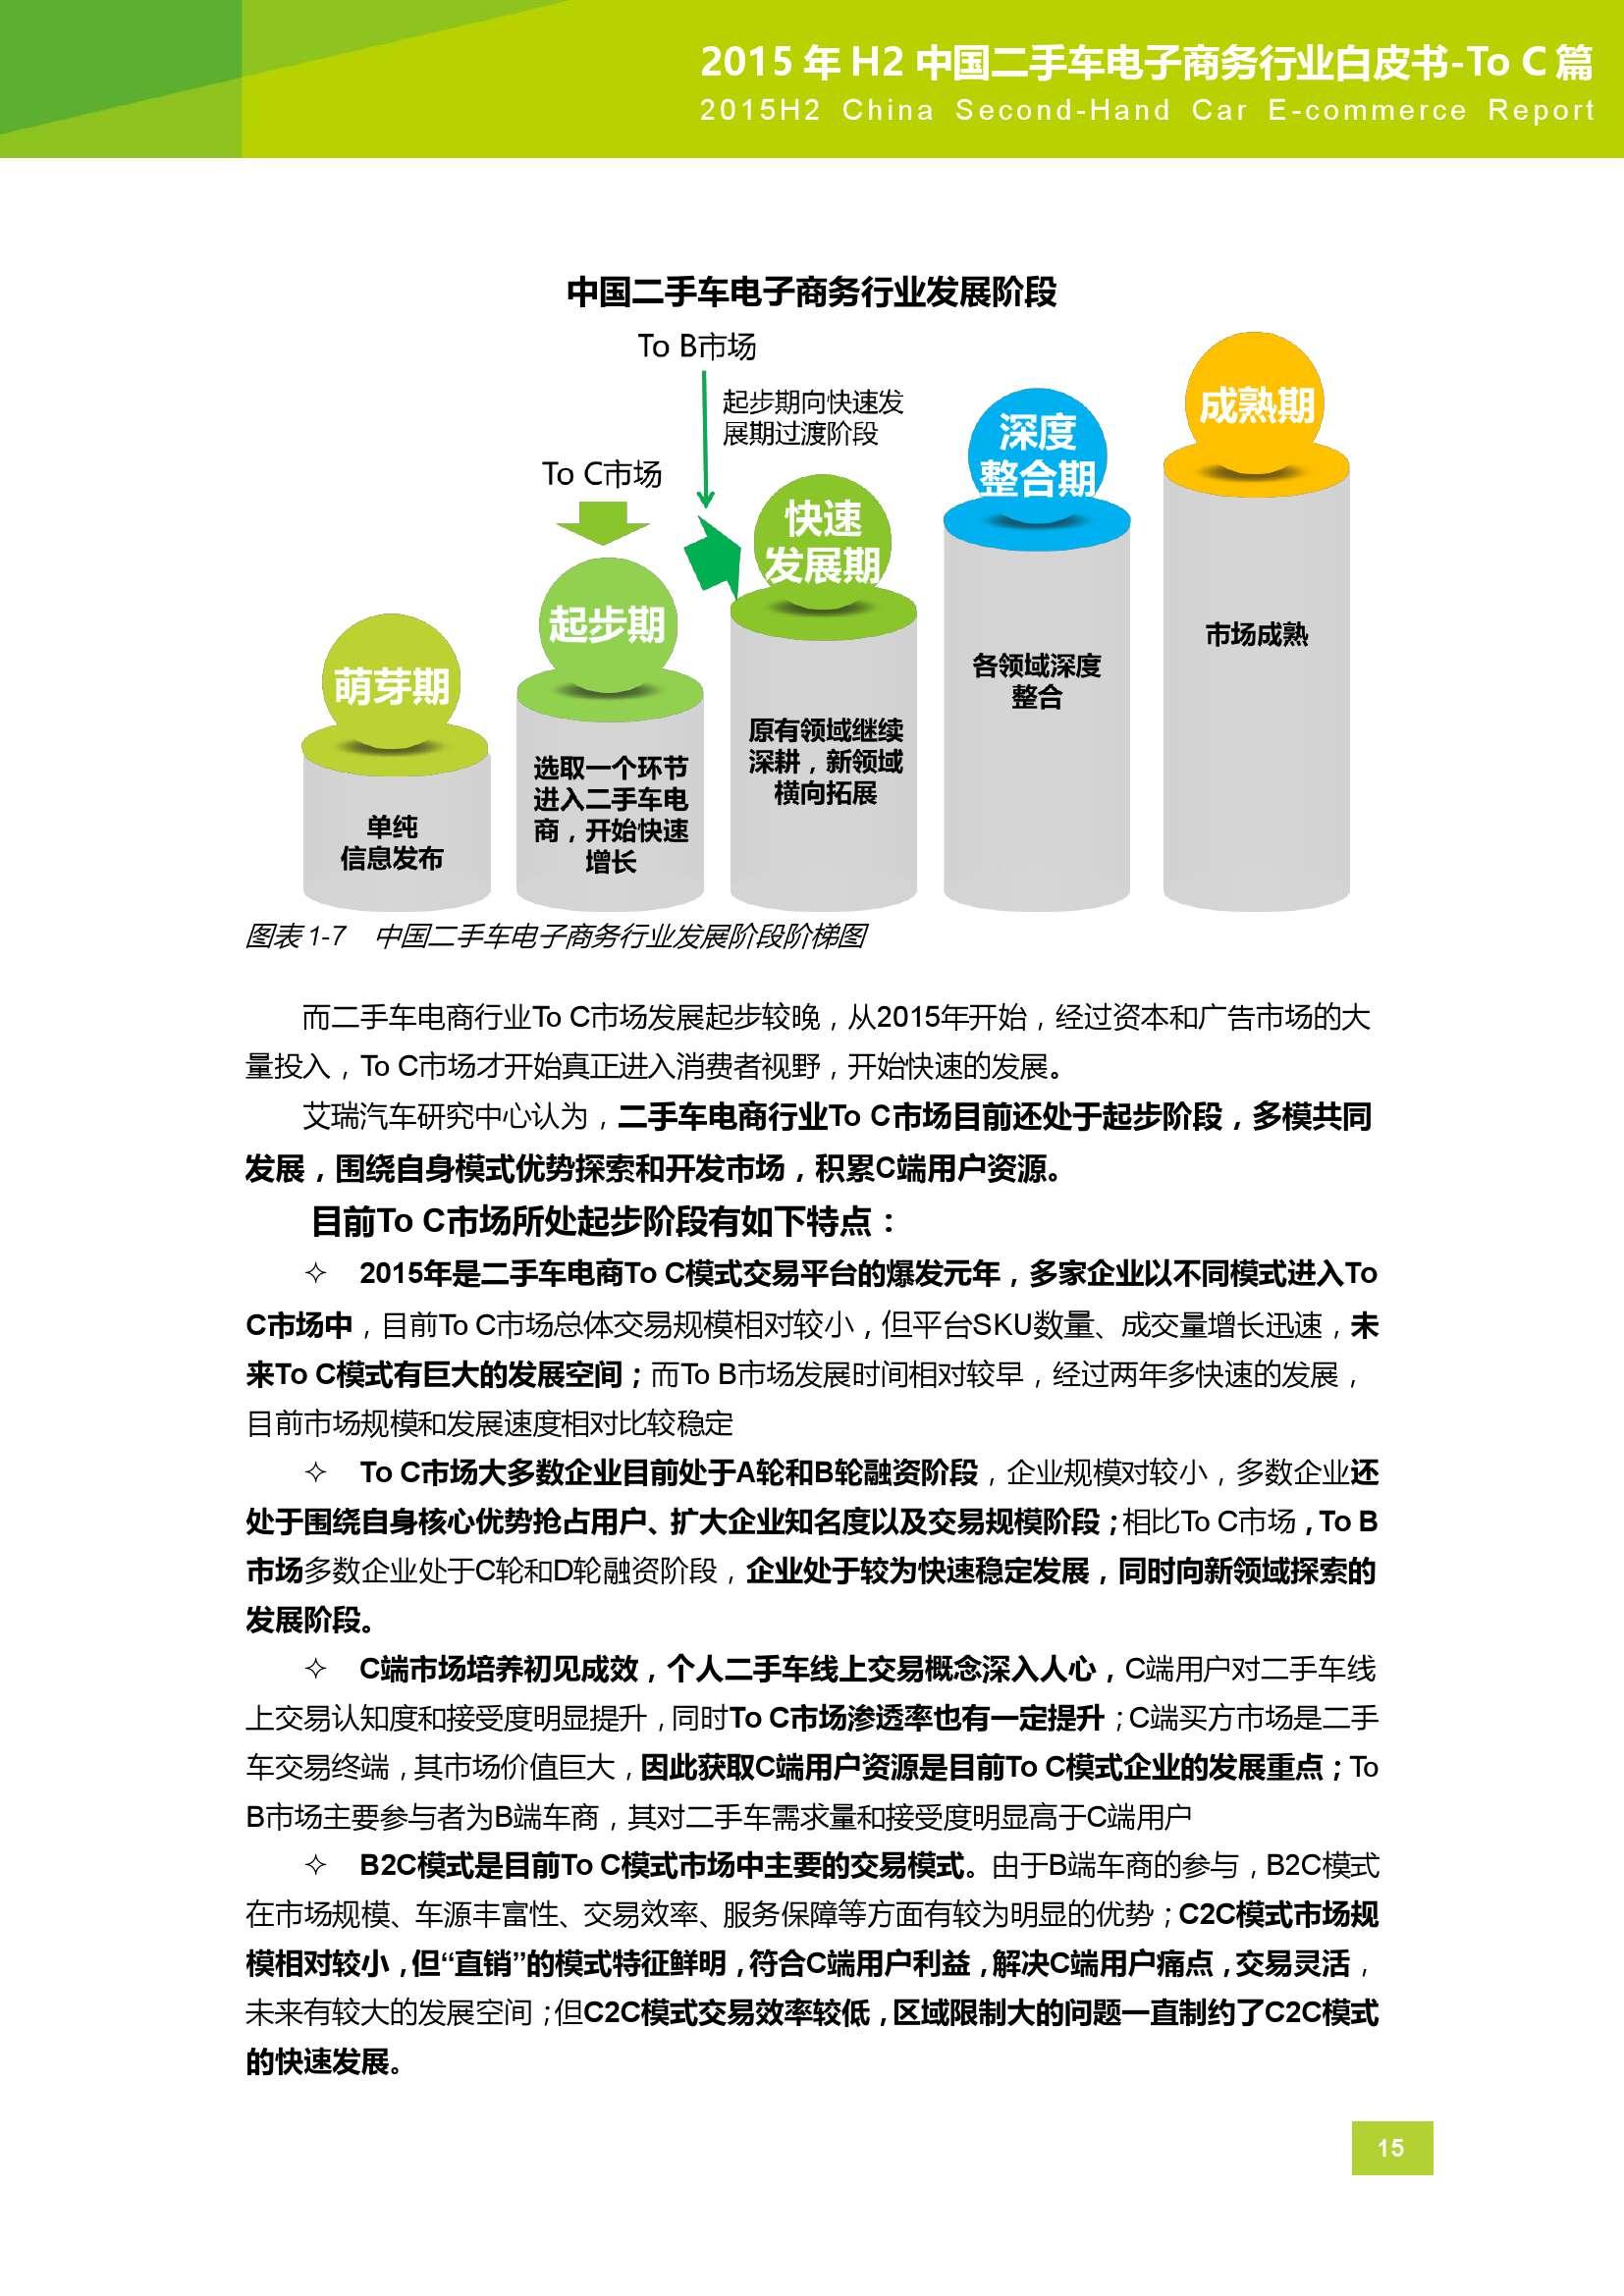 2015年H2中国二手车电子商务行业白皮书_000015